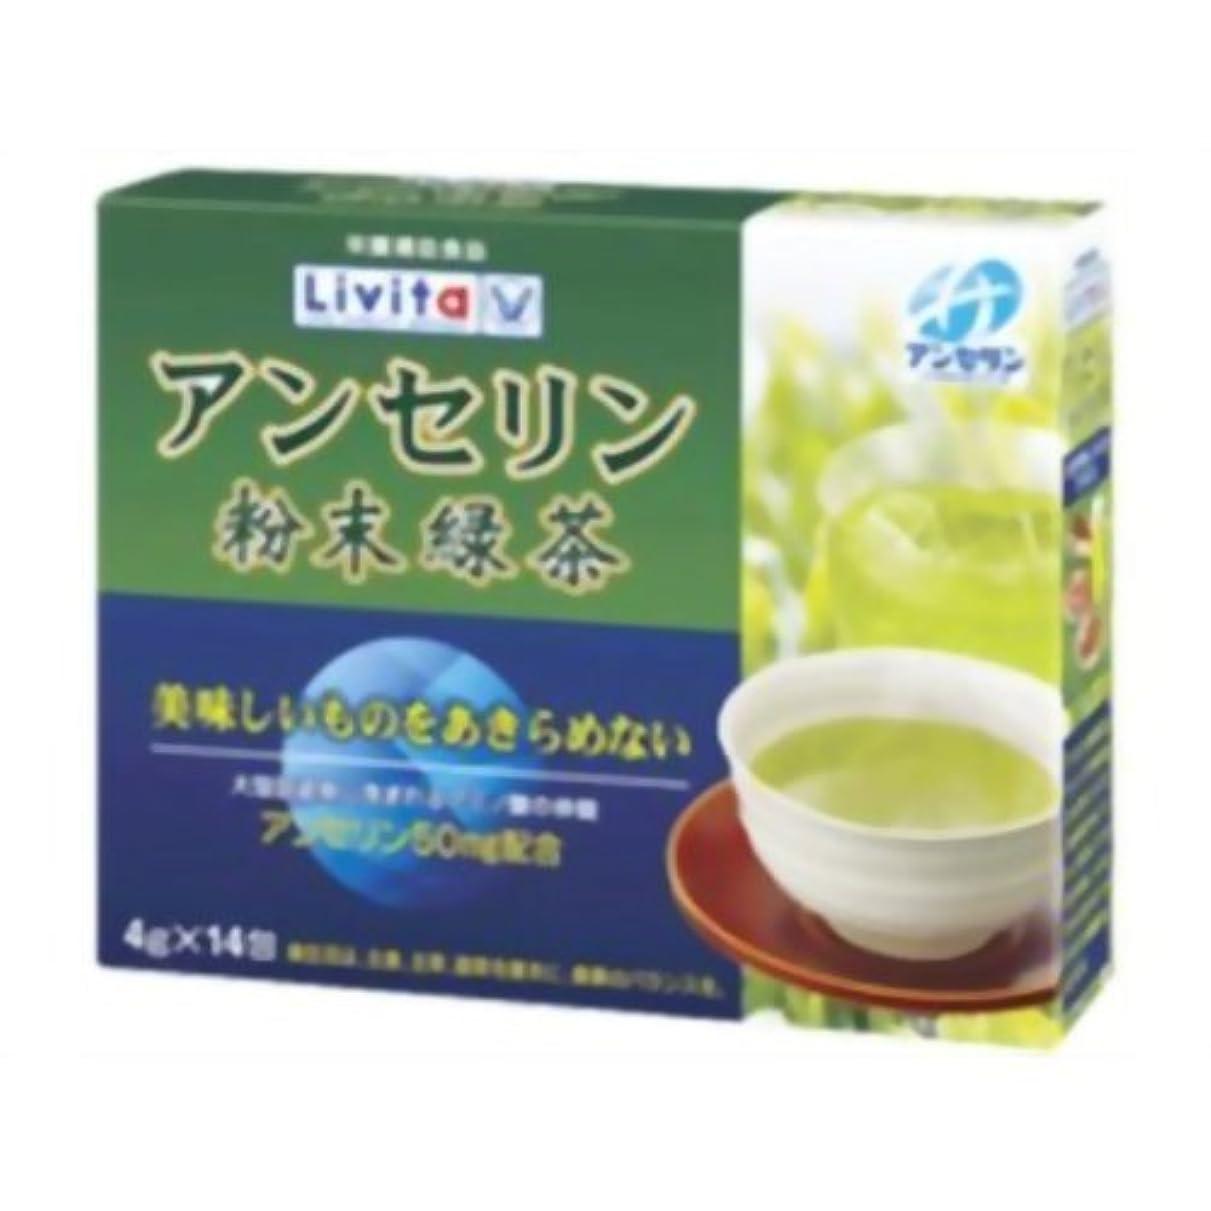 等しい怪しいメロディー大正製薬アンセリン粉末緑茶   4g×14入